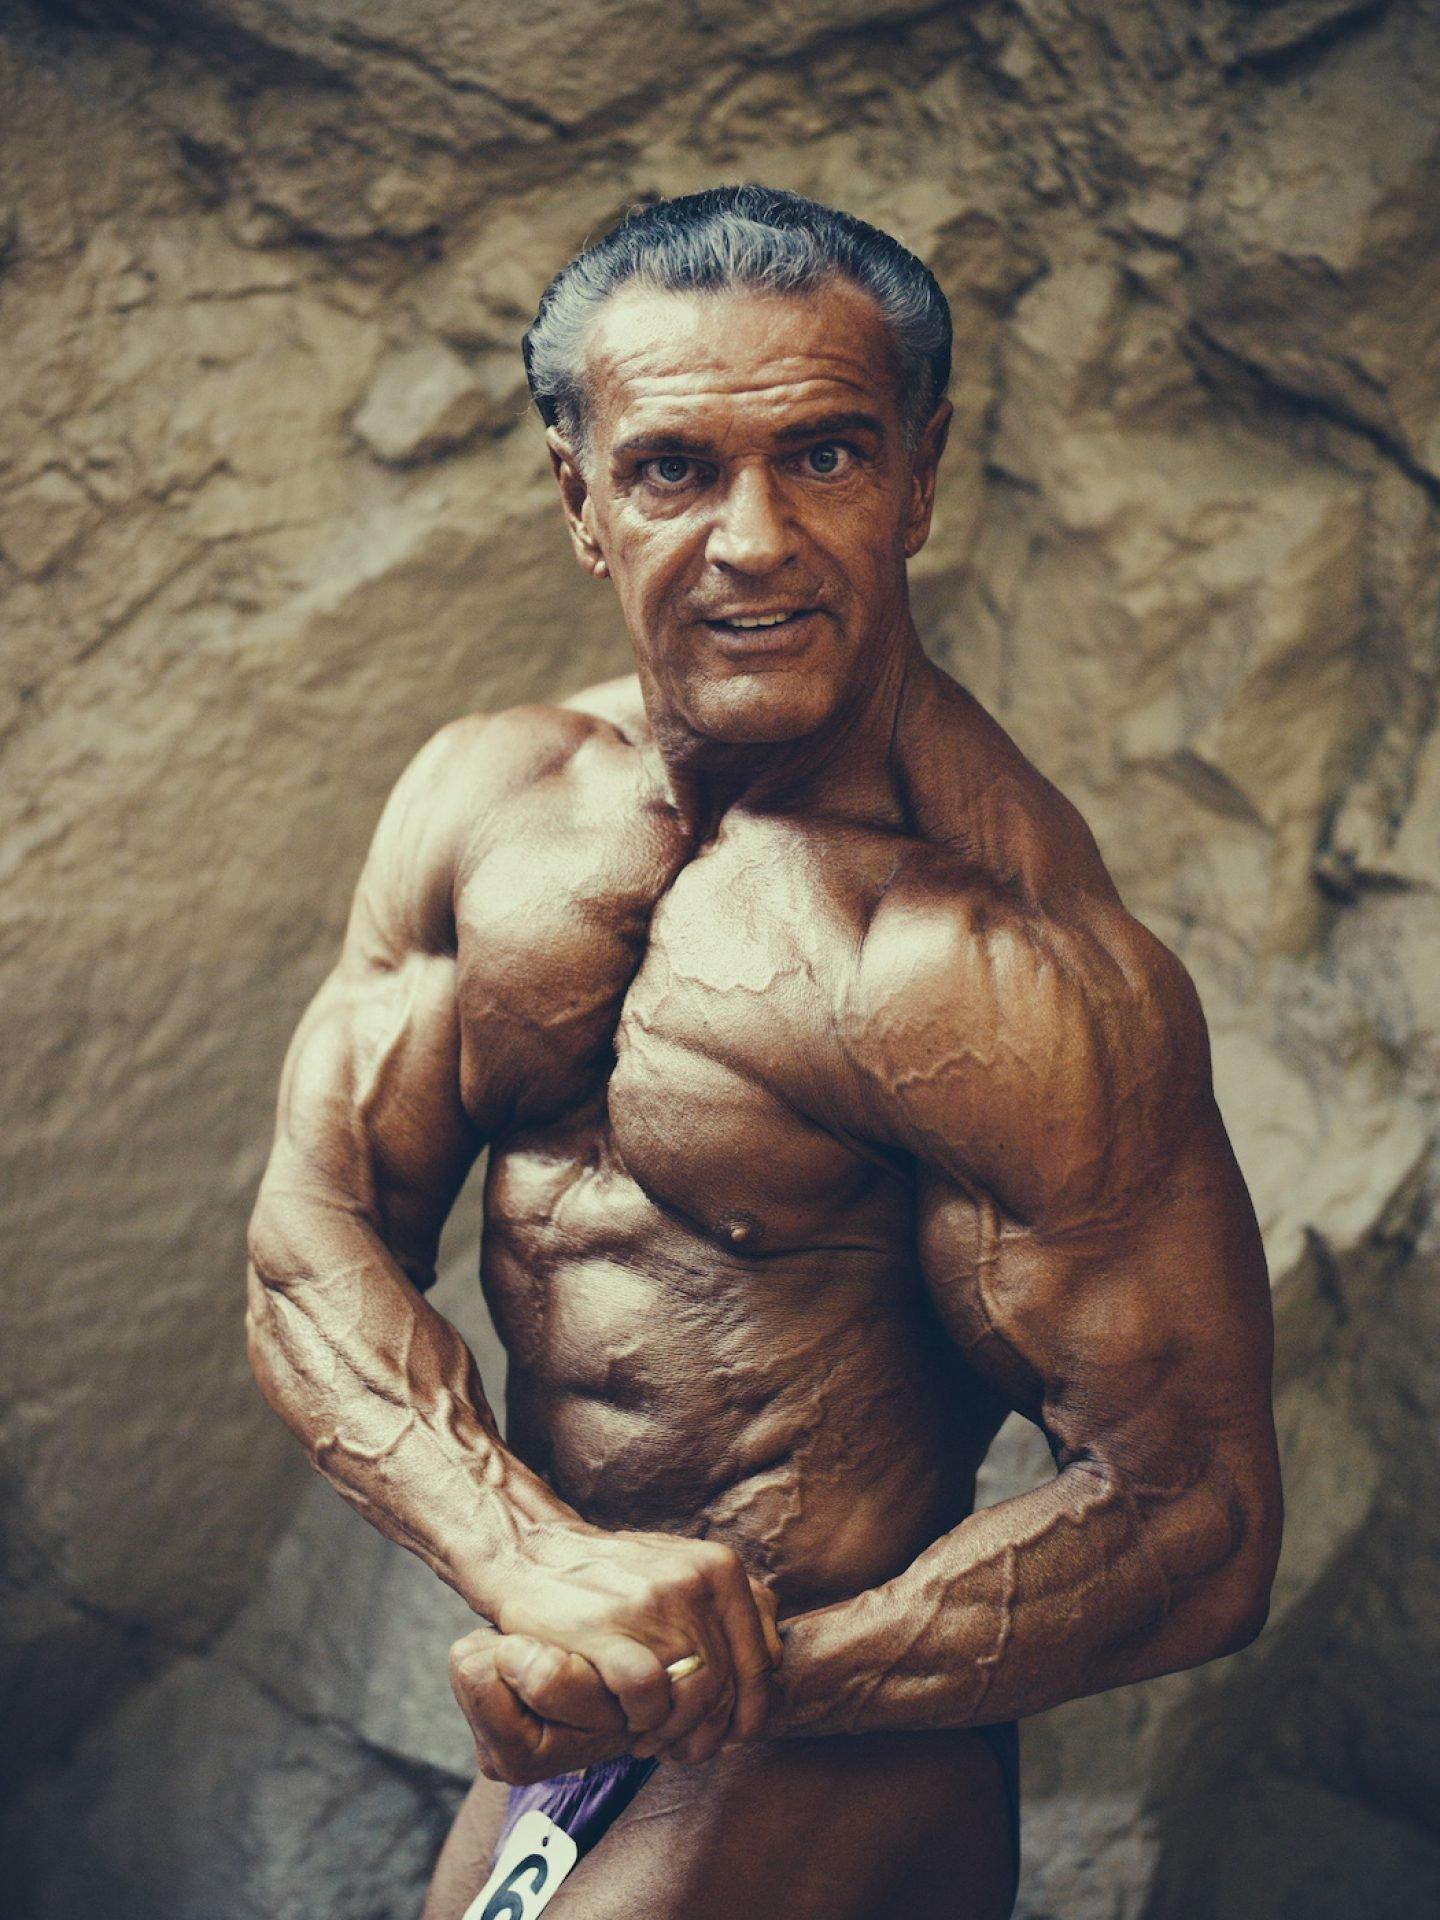 photography_danielgebhartdekoek_bodybuilder_11